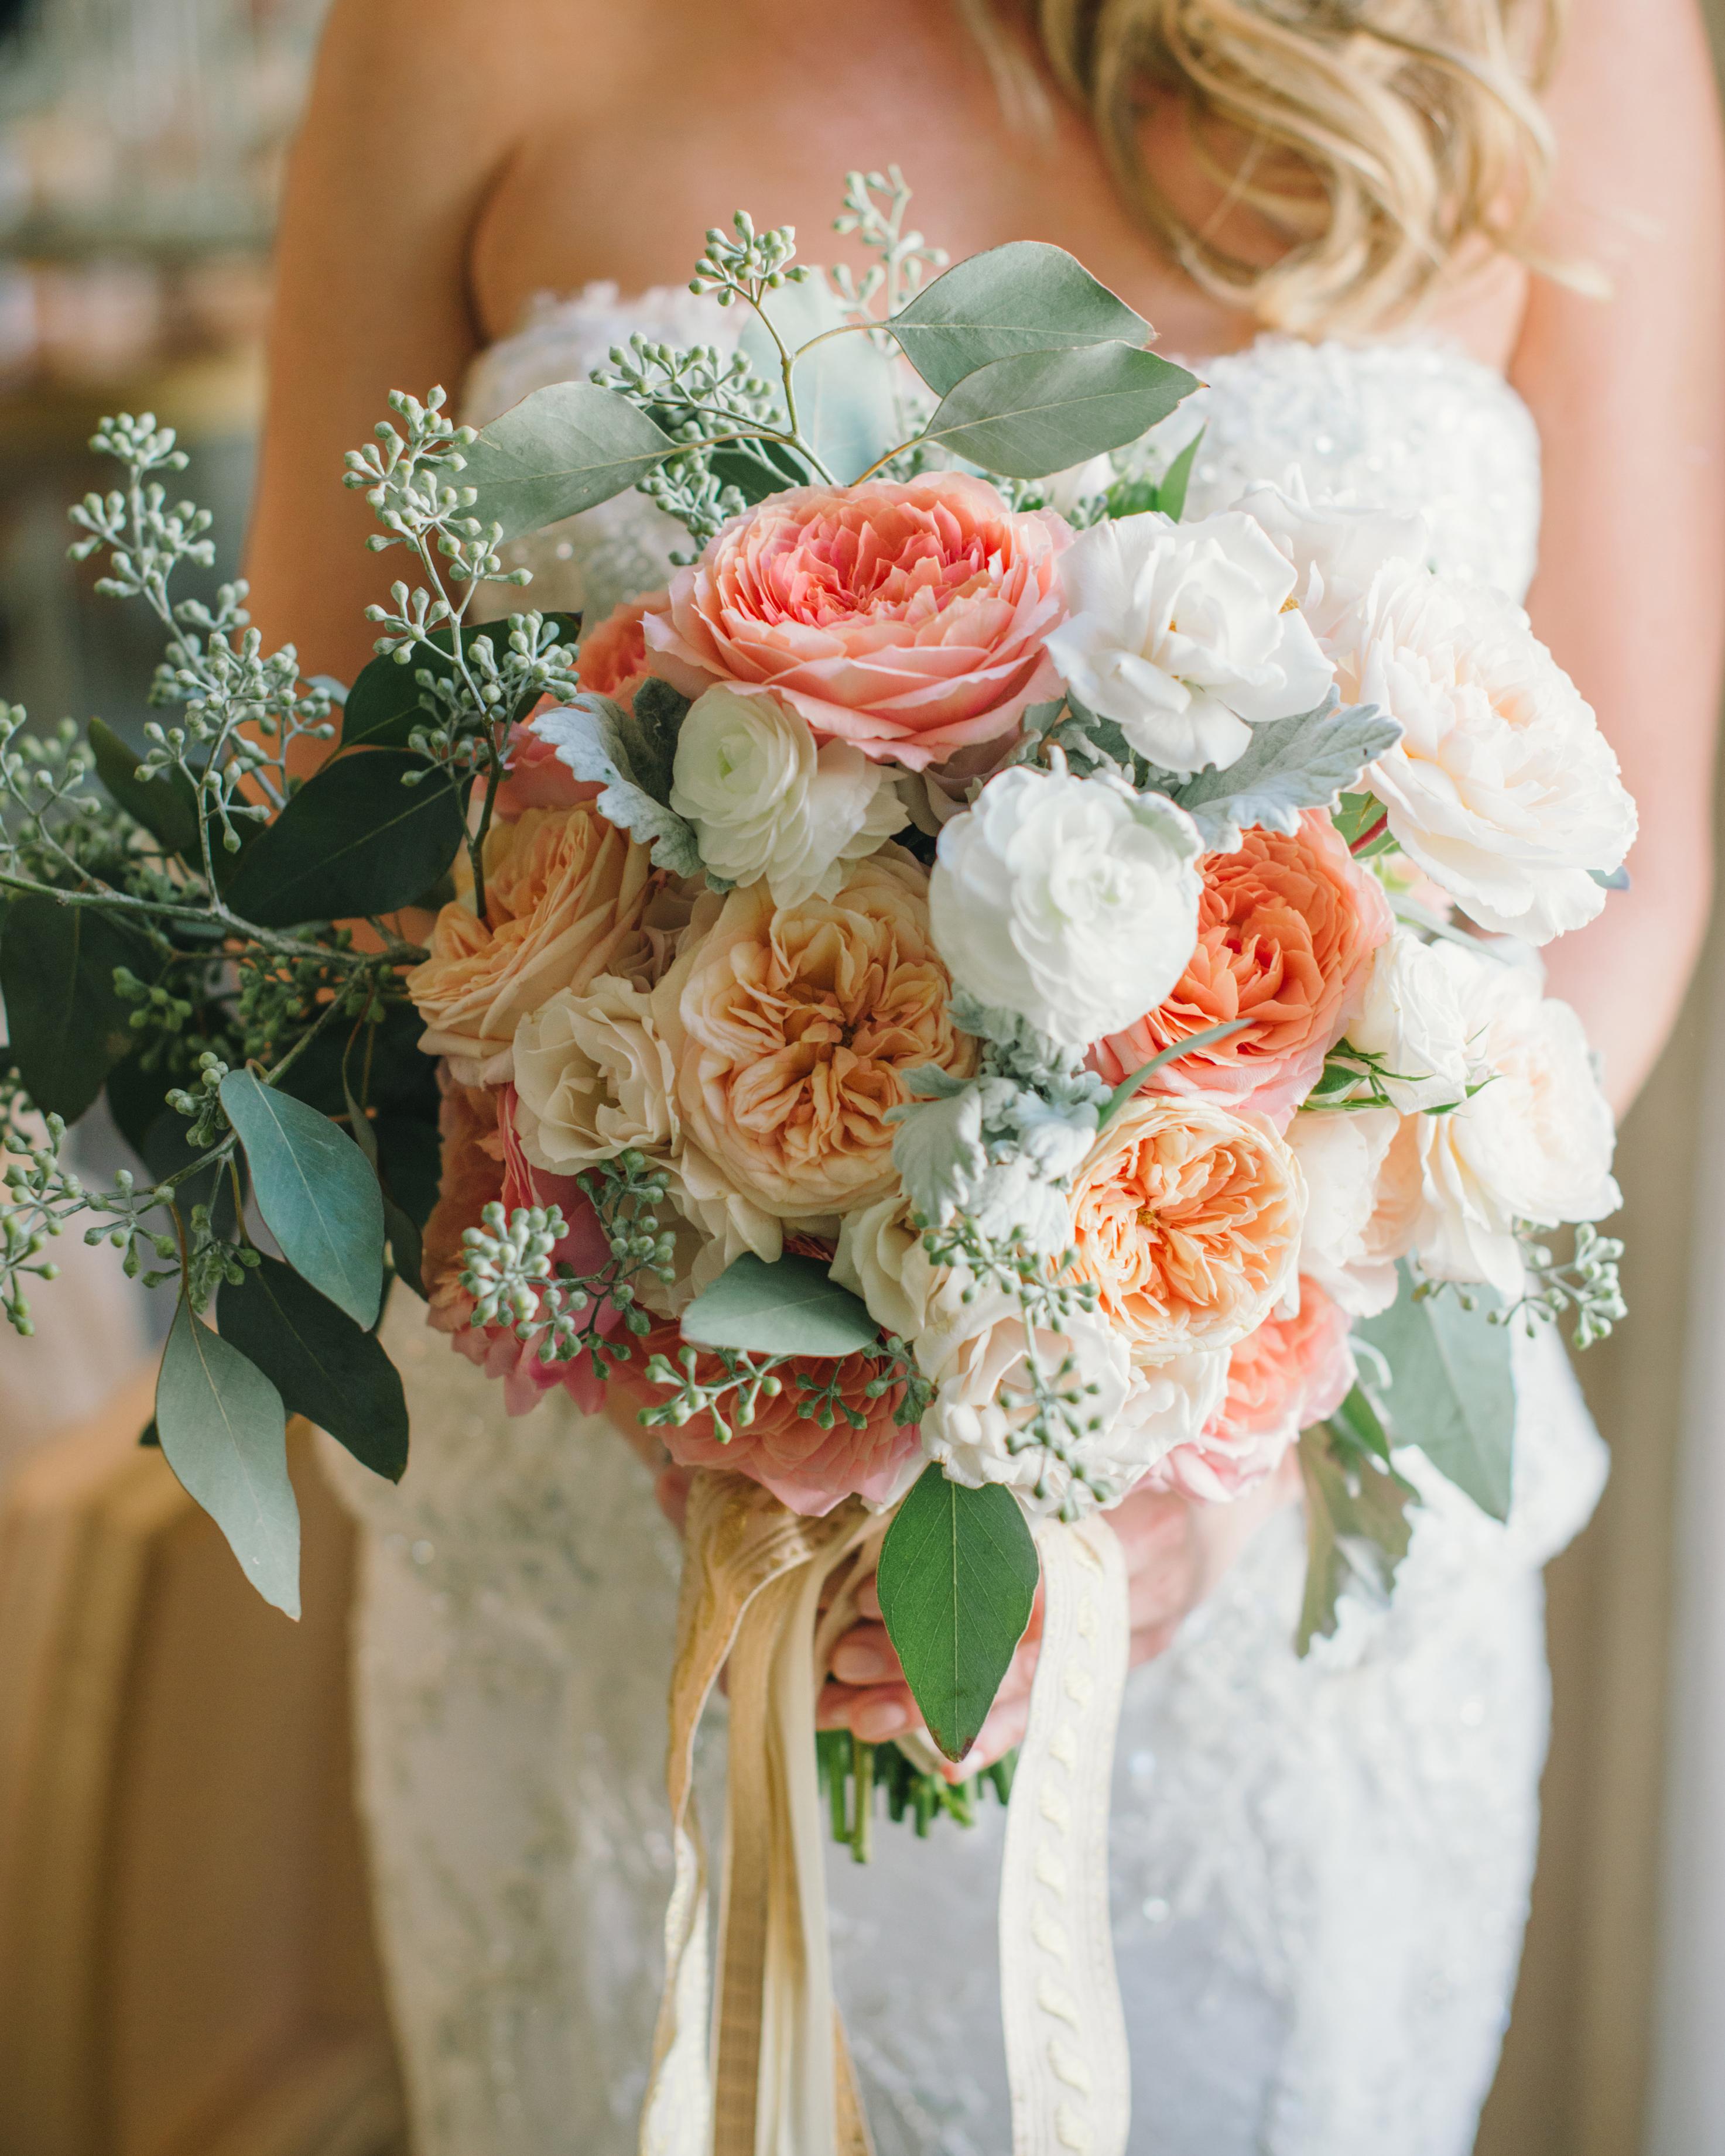 alex-brandon-wedding-bouquet-017-s111338-0714.jpg